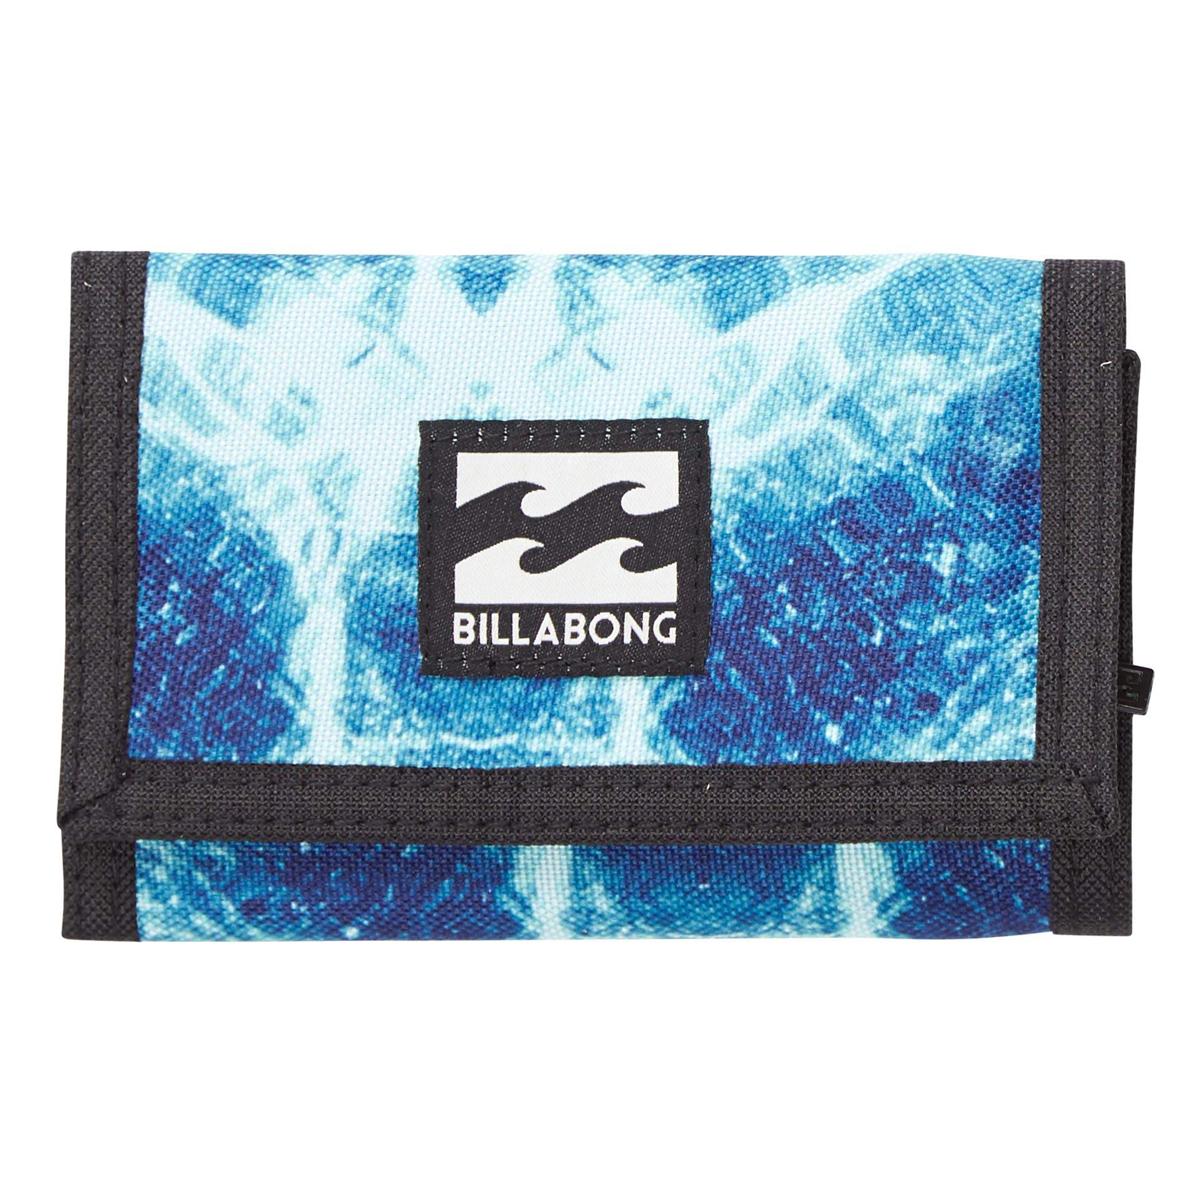 Кошелек дорожный Billabong Atom Wallet, цвет: голубовато-синий, 1 л. Z5WL02Z5WL02Классический тряпичный кошелек с новыми расцветками от Billabong.